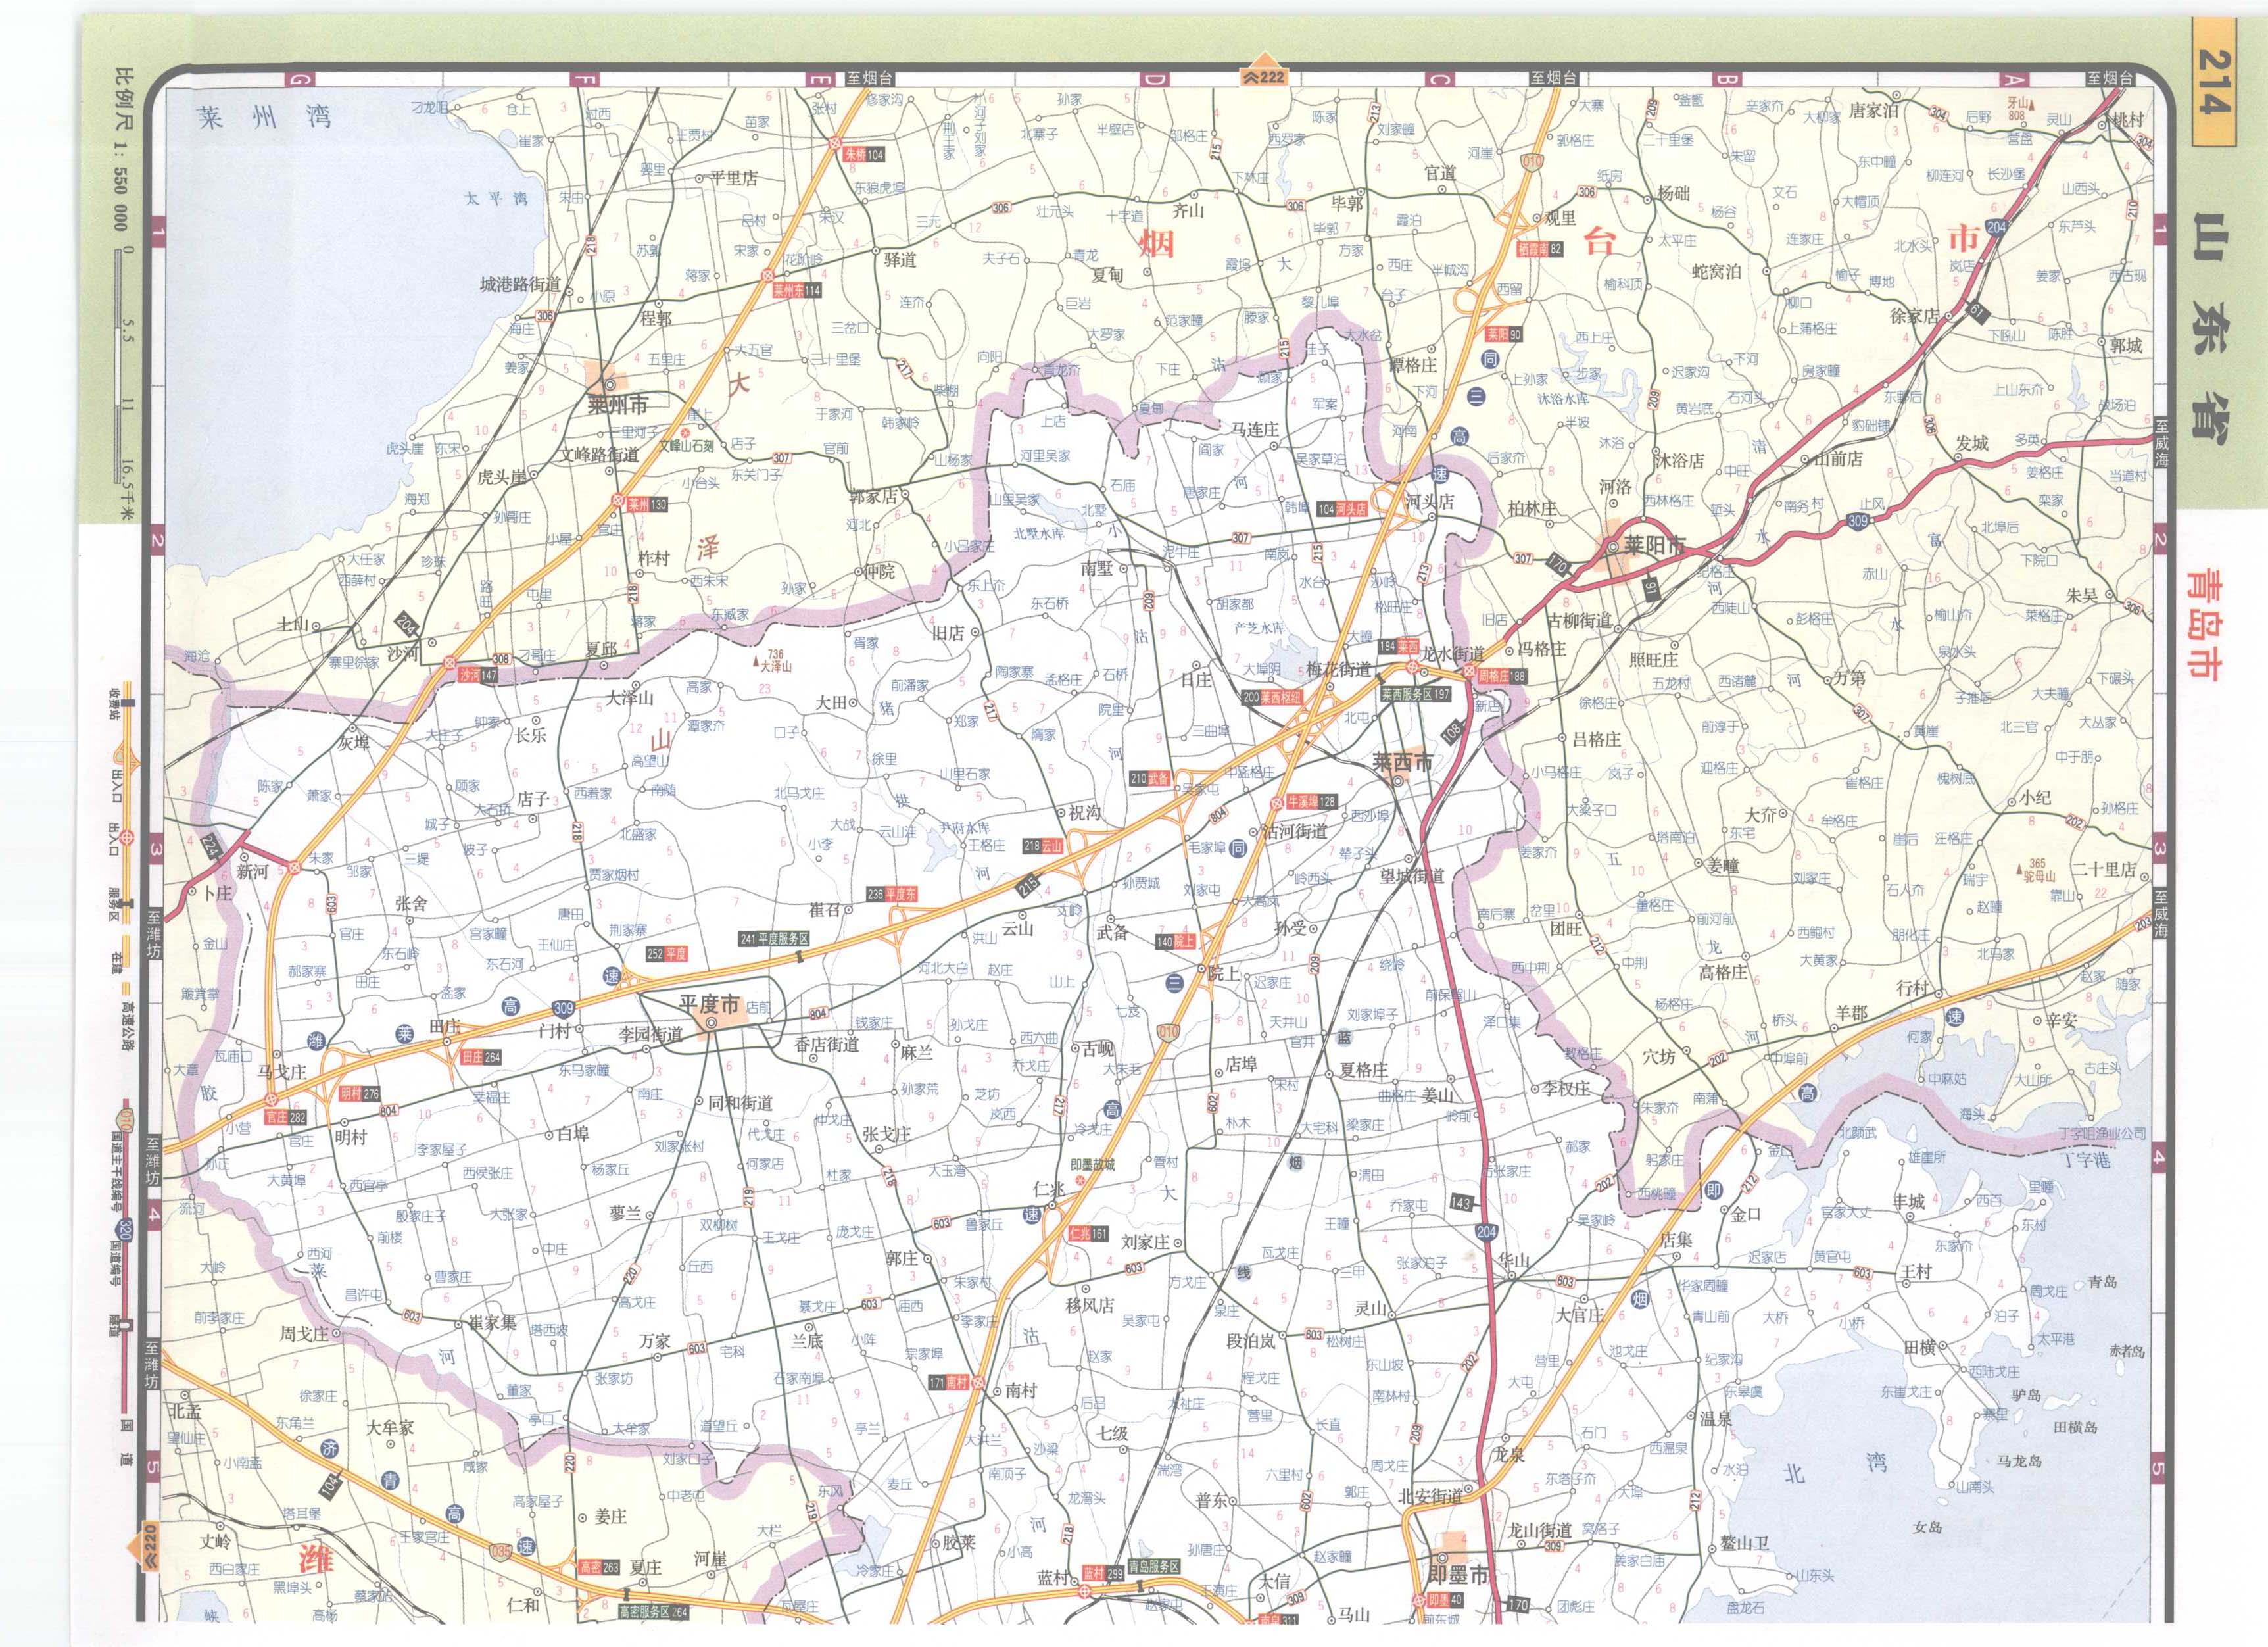 山东省青岛市高速公路网地图